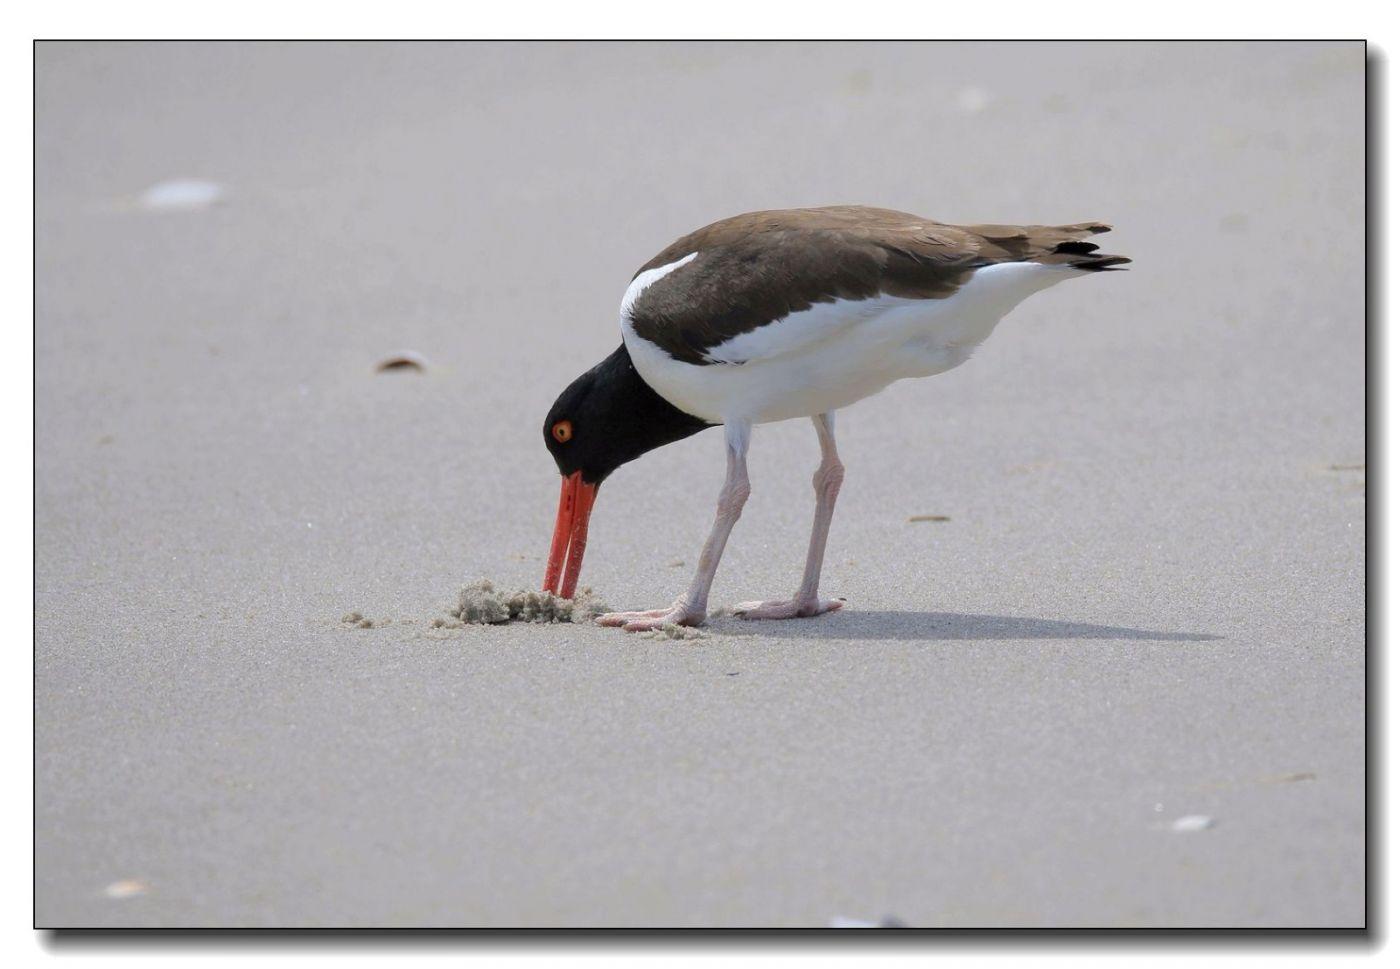 洛克威海滩拍鸟—励鹬_图1-2